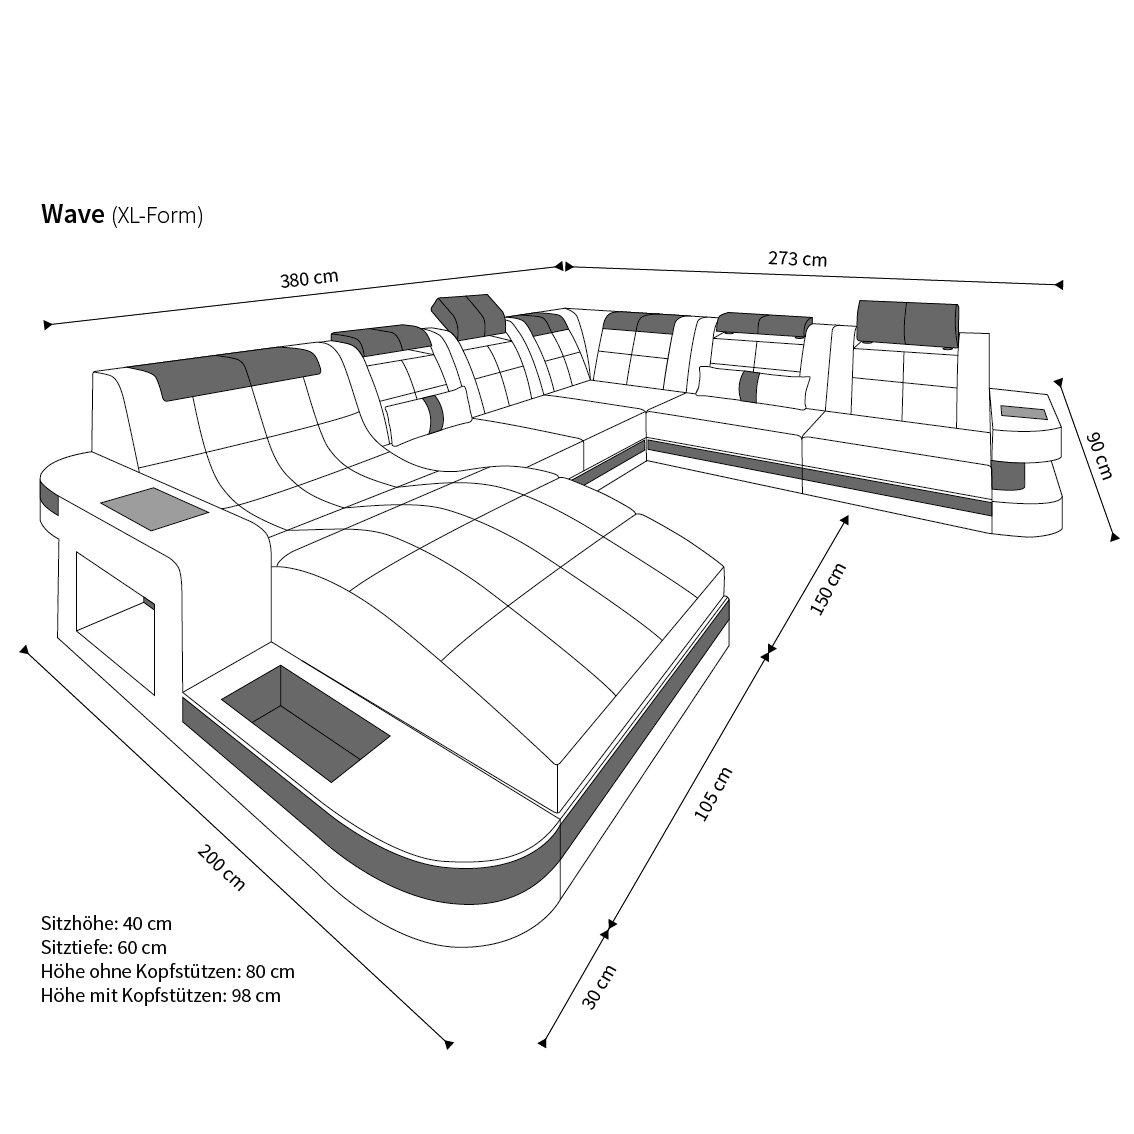 Design Wohnlandschaft Wave Xxl Mit Led Amazon De Kuche Haushalt